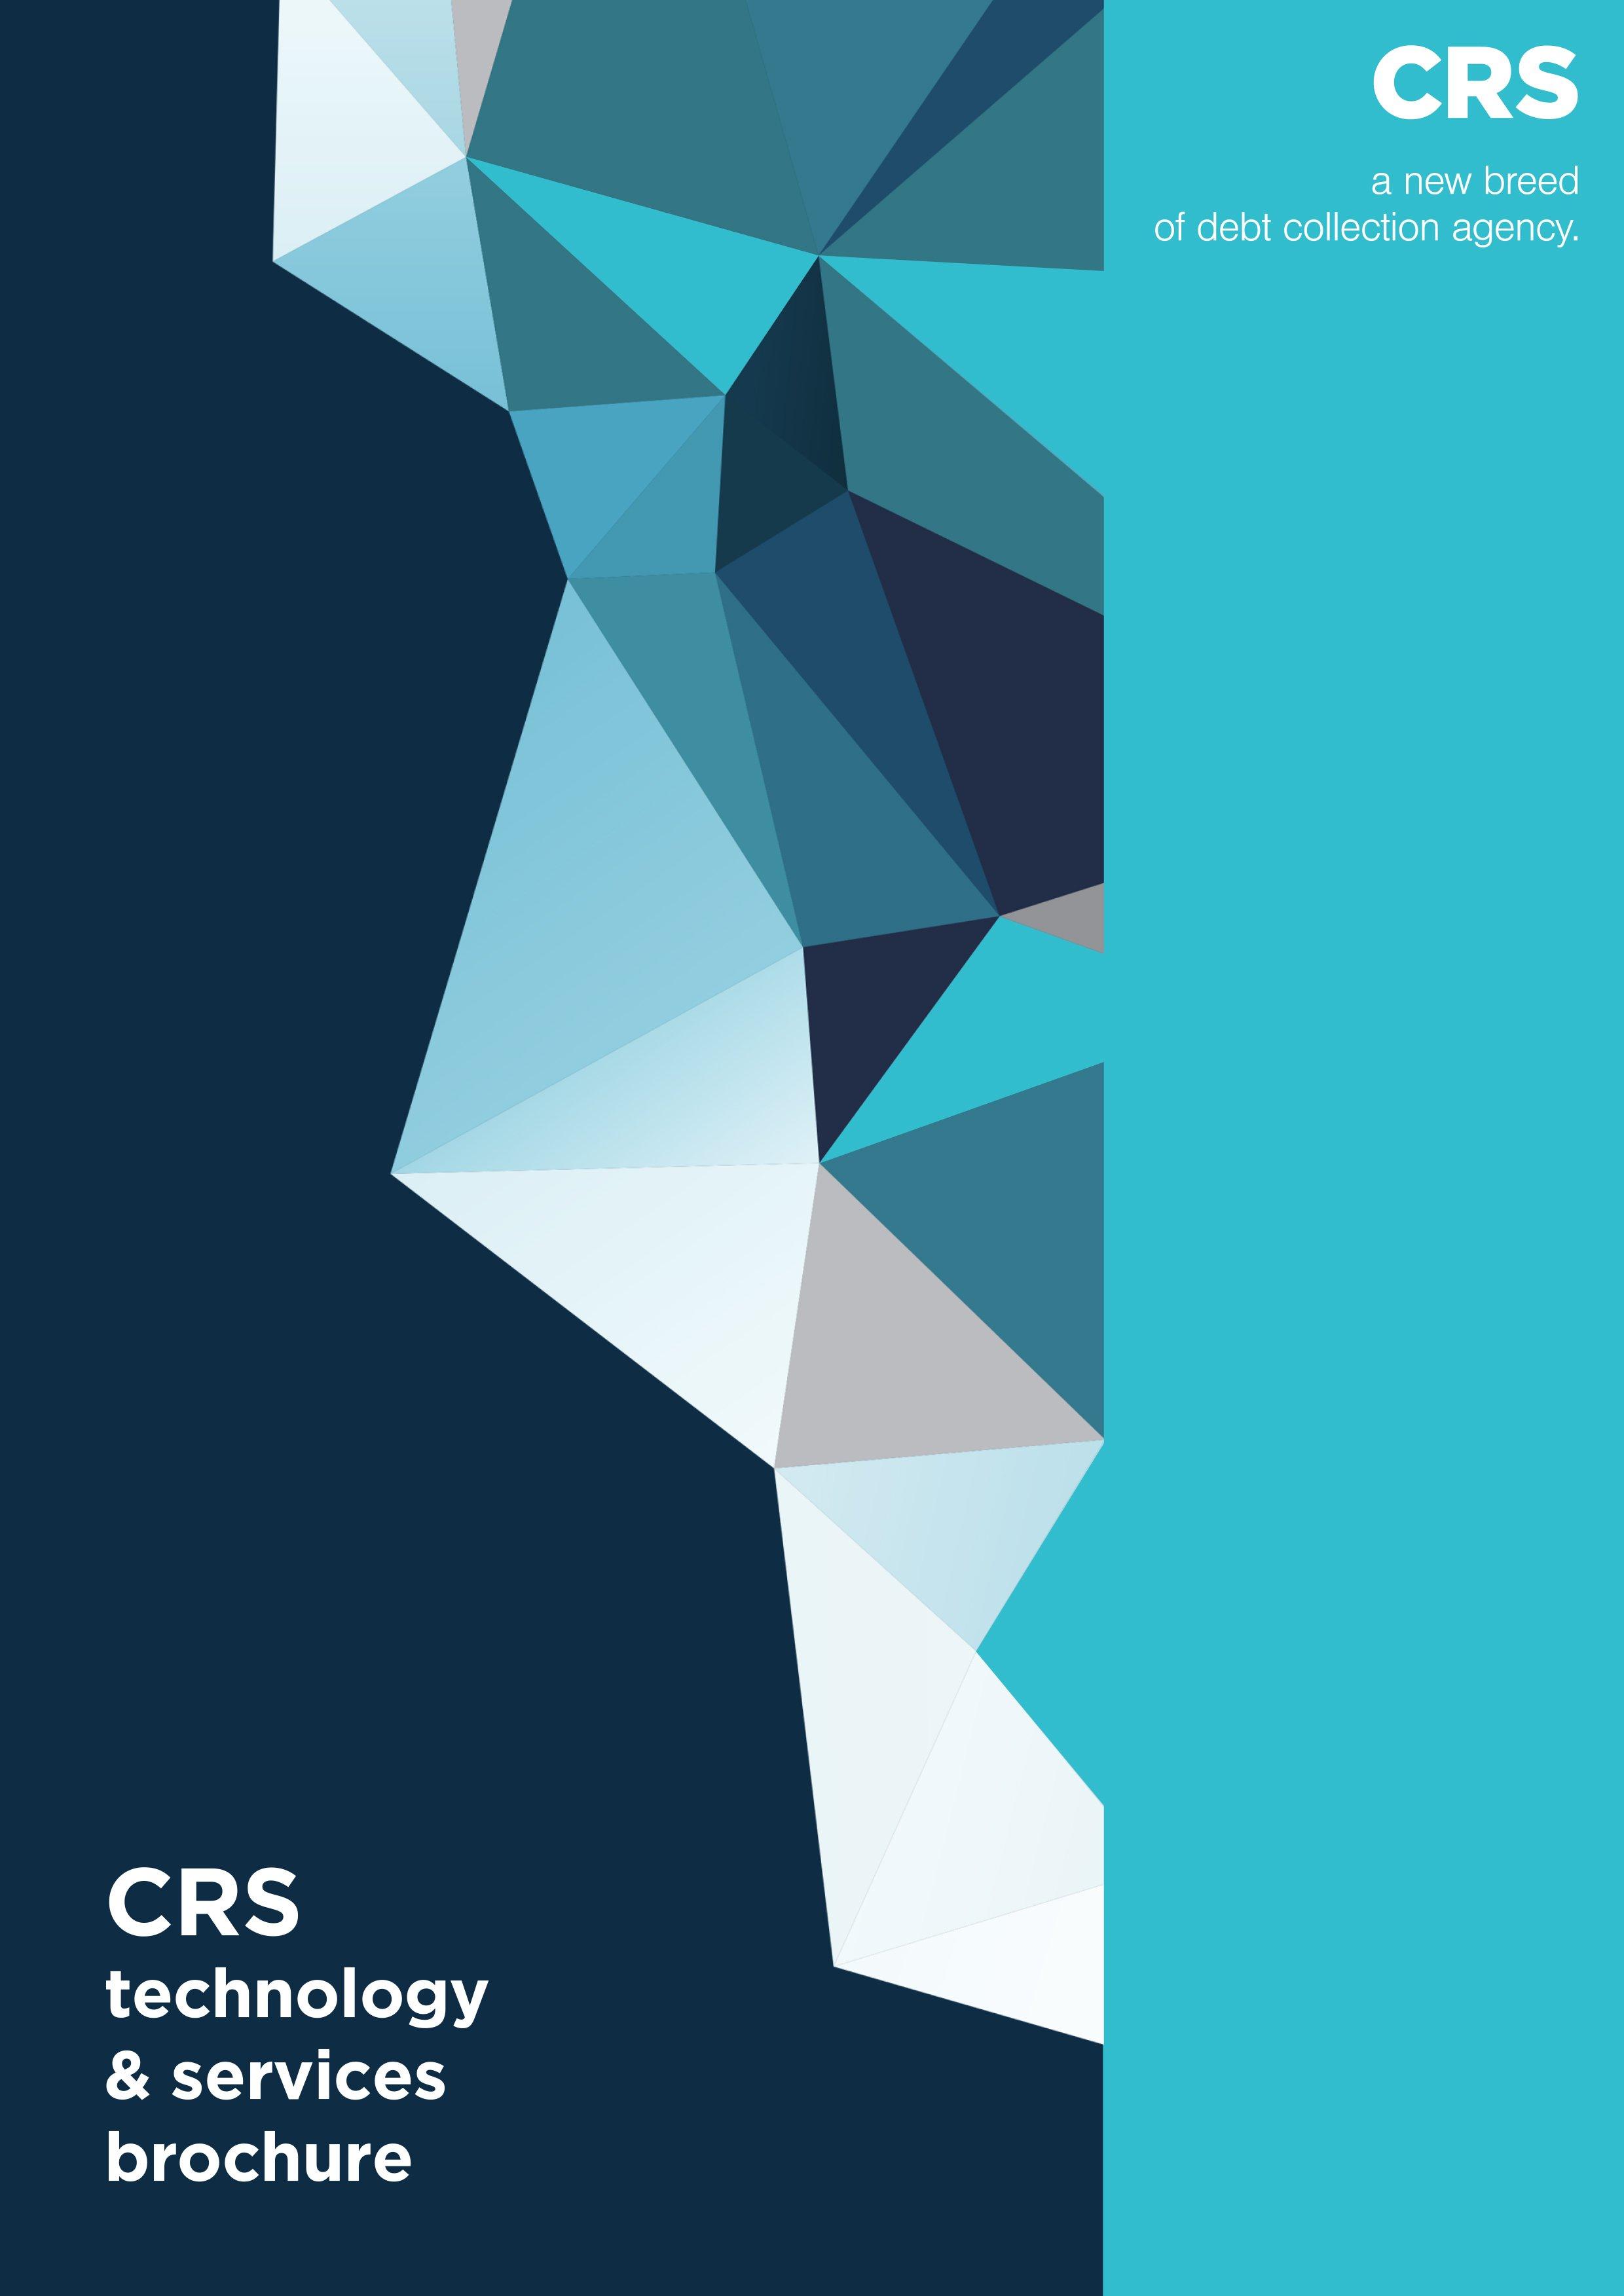 crs-brochure-hubspot-cover